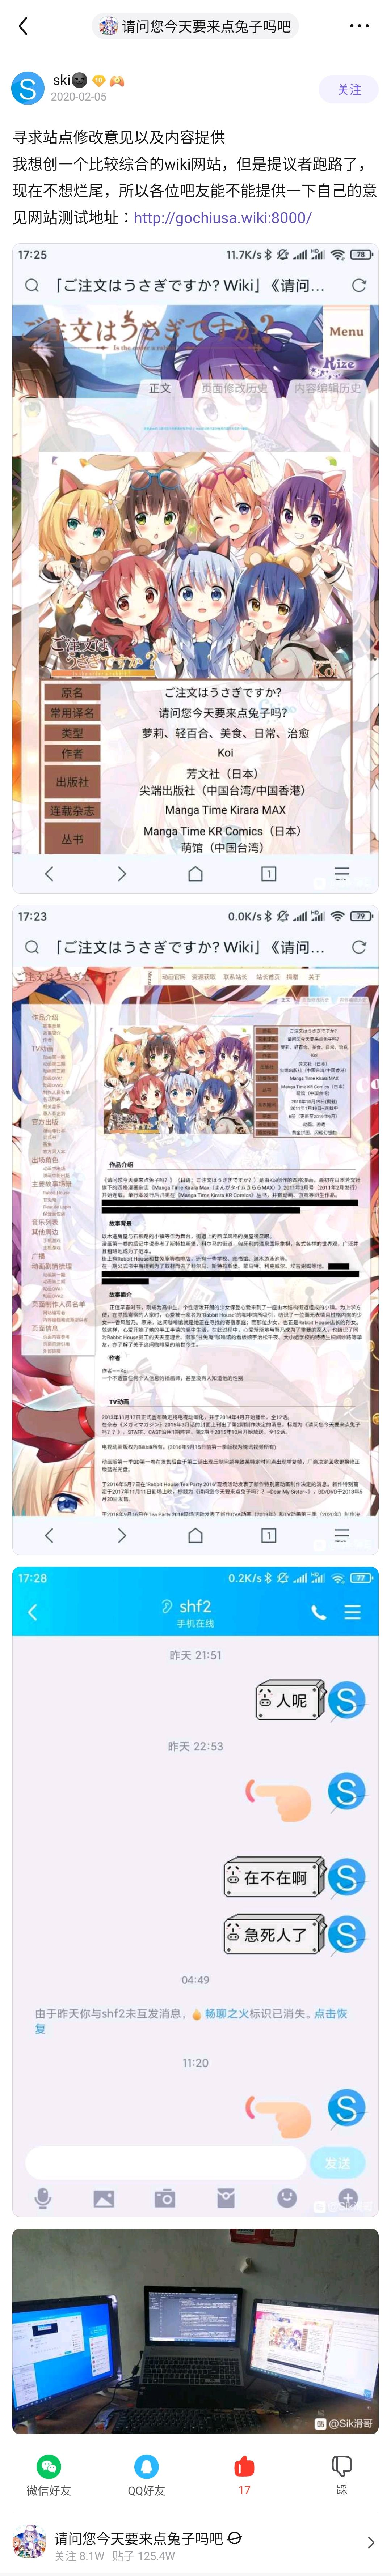 一切的开端,点兔汉化组的前身—点兔中文wiki项目 1